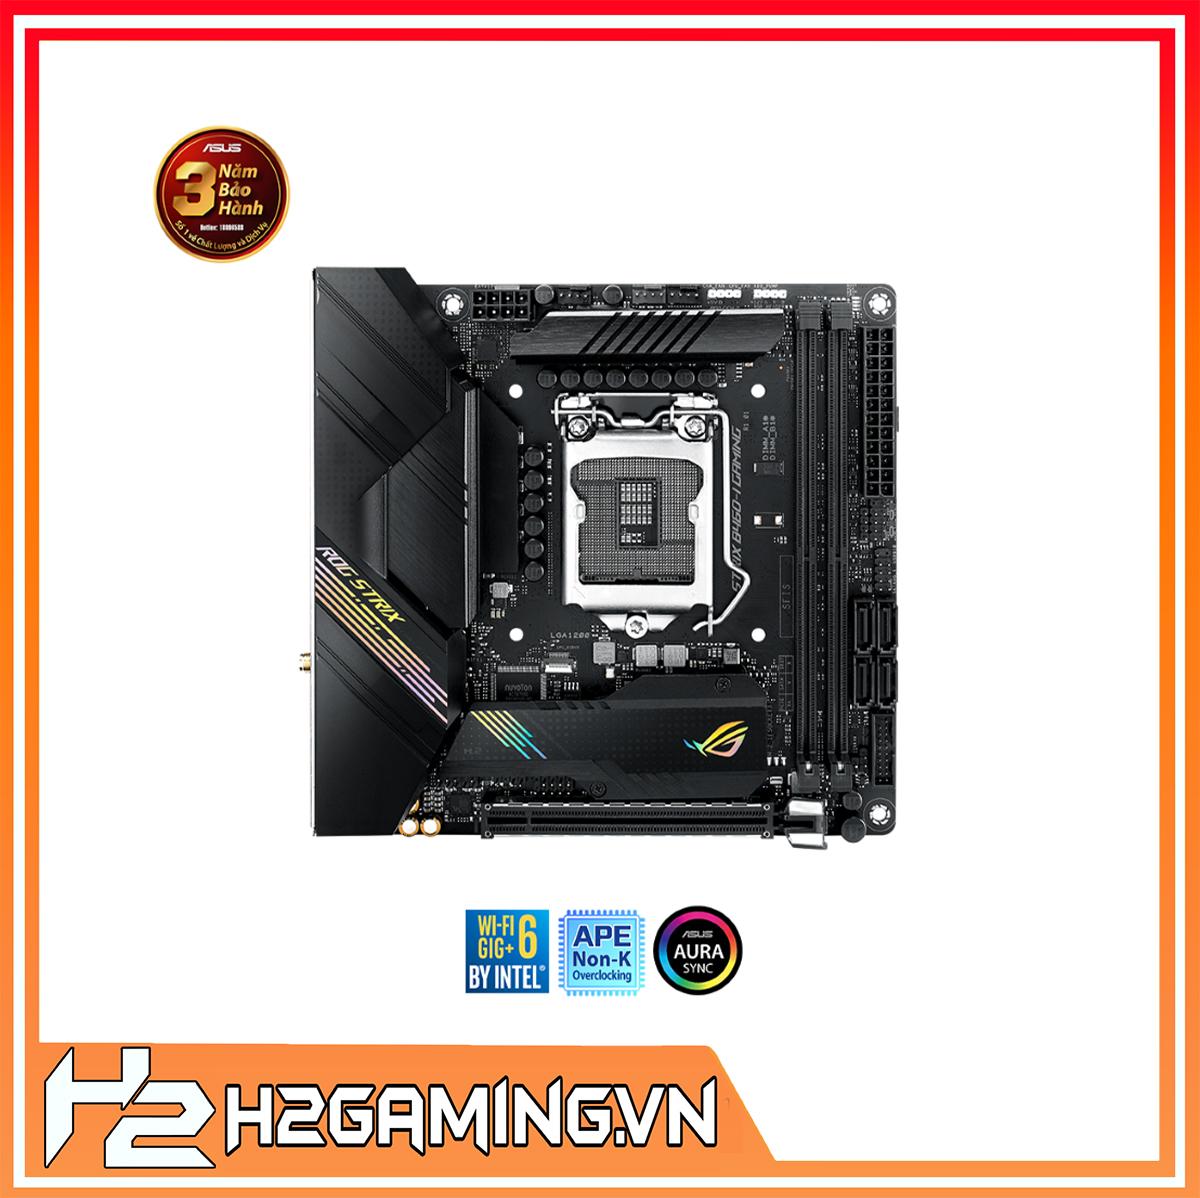 Mainboard_ASUS_ROG_STRIX_B460-I_GAMING_(Intel_B460,_Socket_1200,_Mini-ITX,_2_khe_Ram_DDR4)